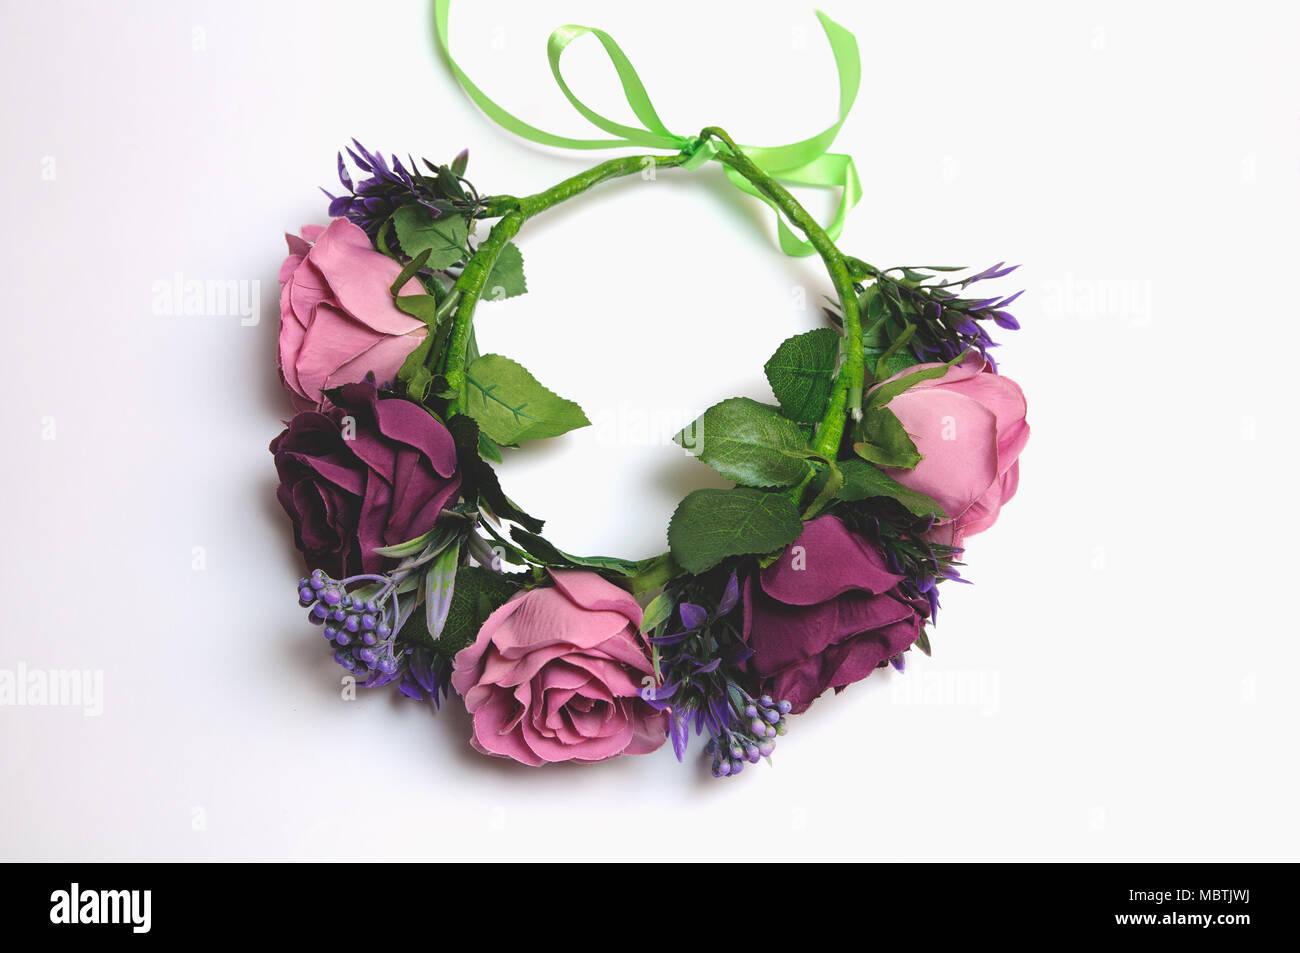 b7edd83654c96 Hochzeit Kranz aus künstlichen Blumen Ausschreibung handgefertigte Stockbild